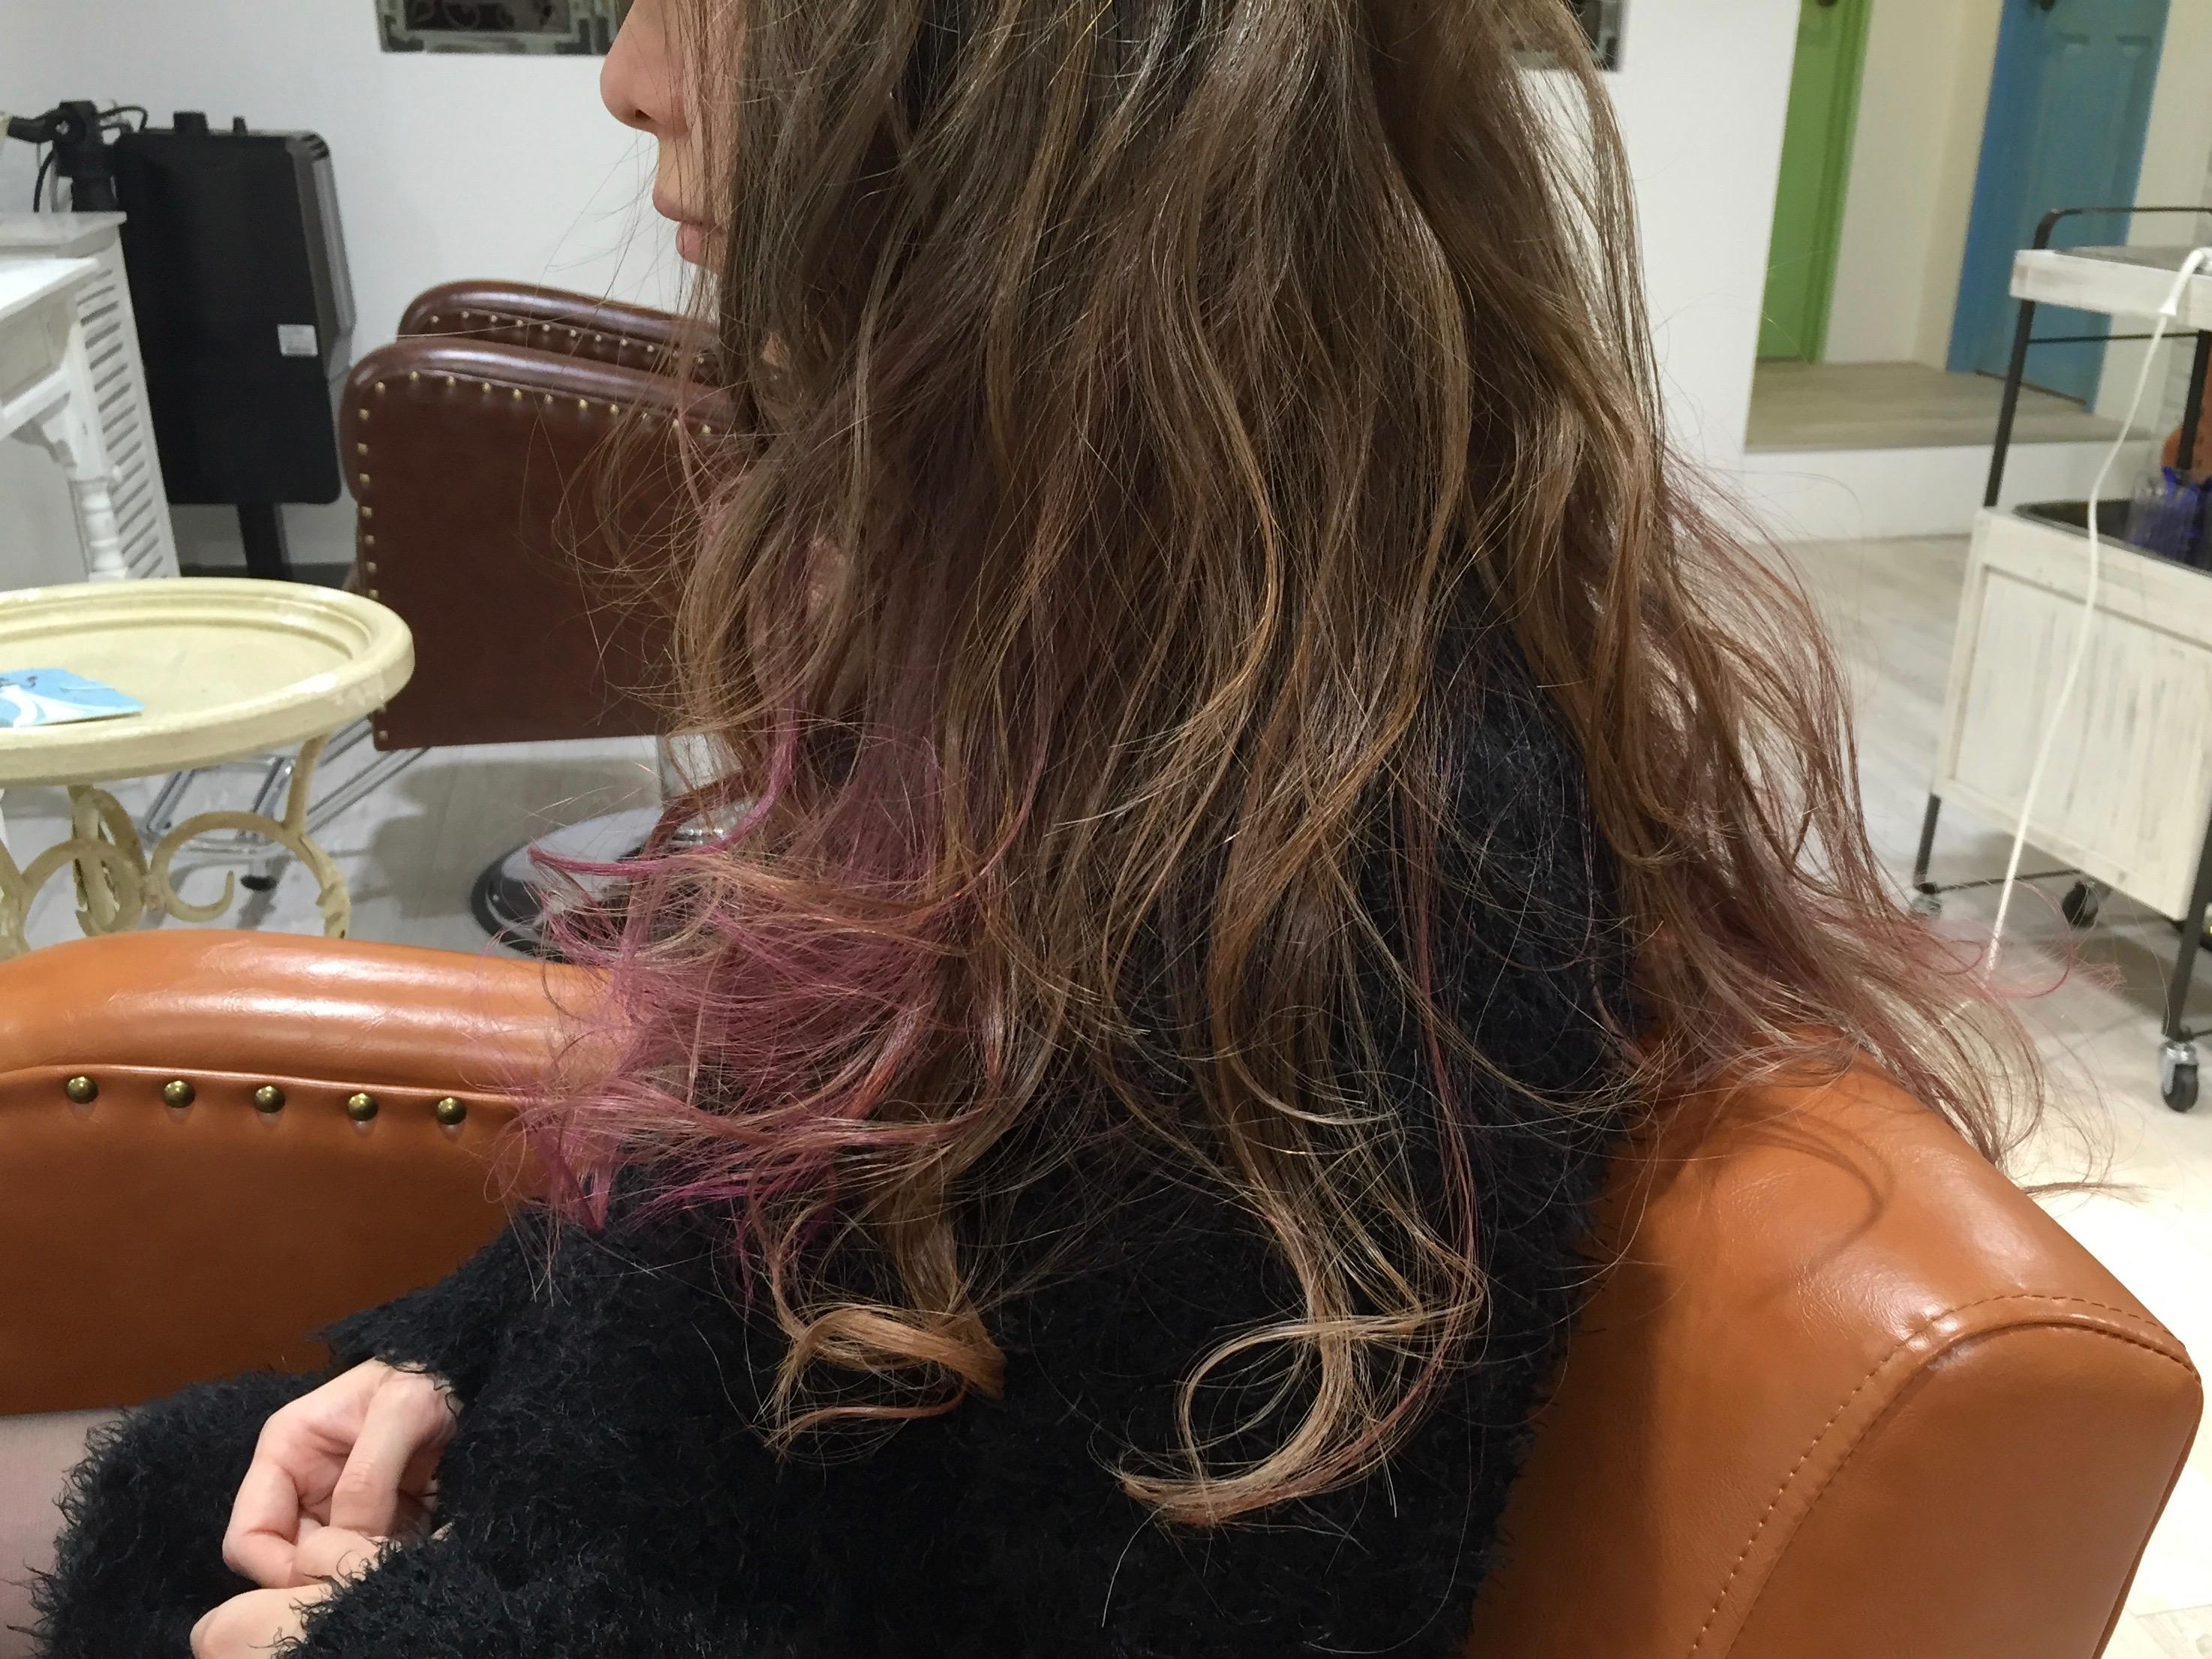 ピンクアッシュのカラーバターを毛先に入れて色で遊ぶヘアカラーのやり方